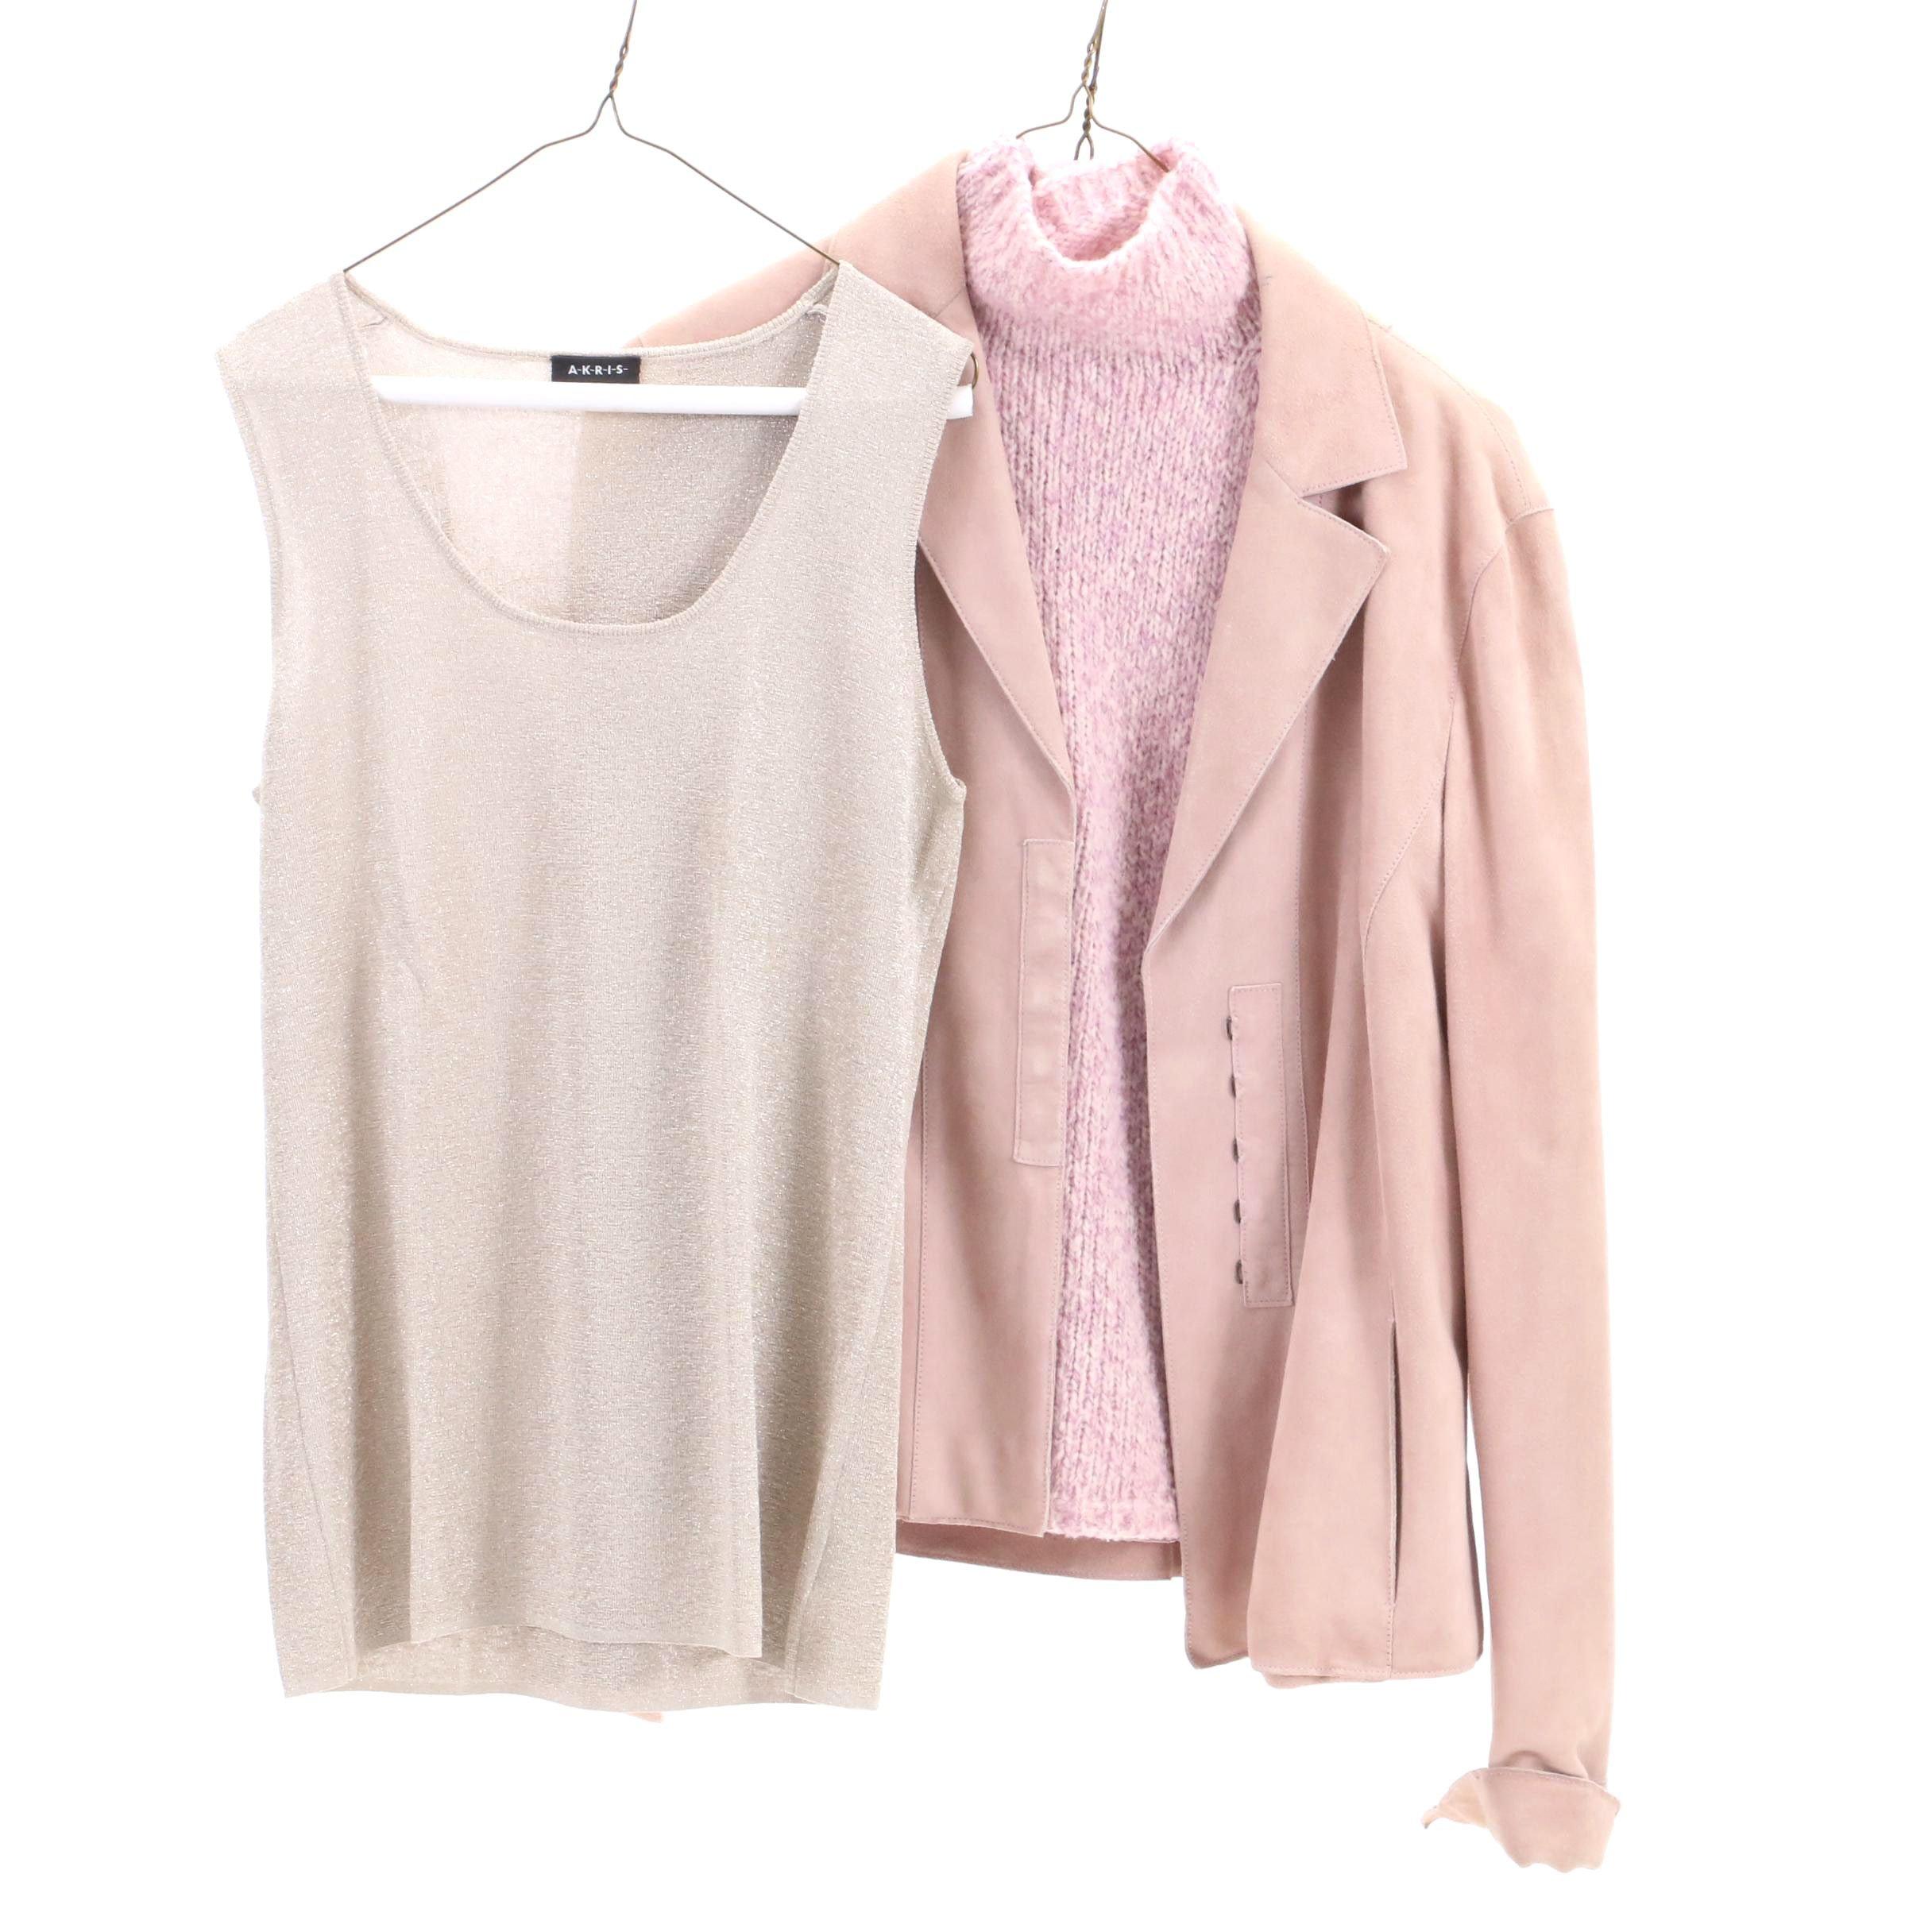 Akris Punto Lambskin Jacket and Knit Shirts